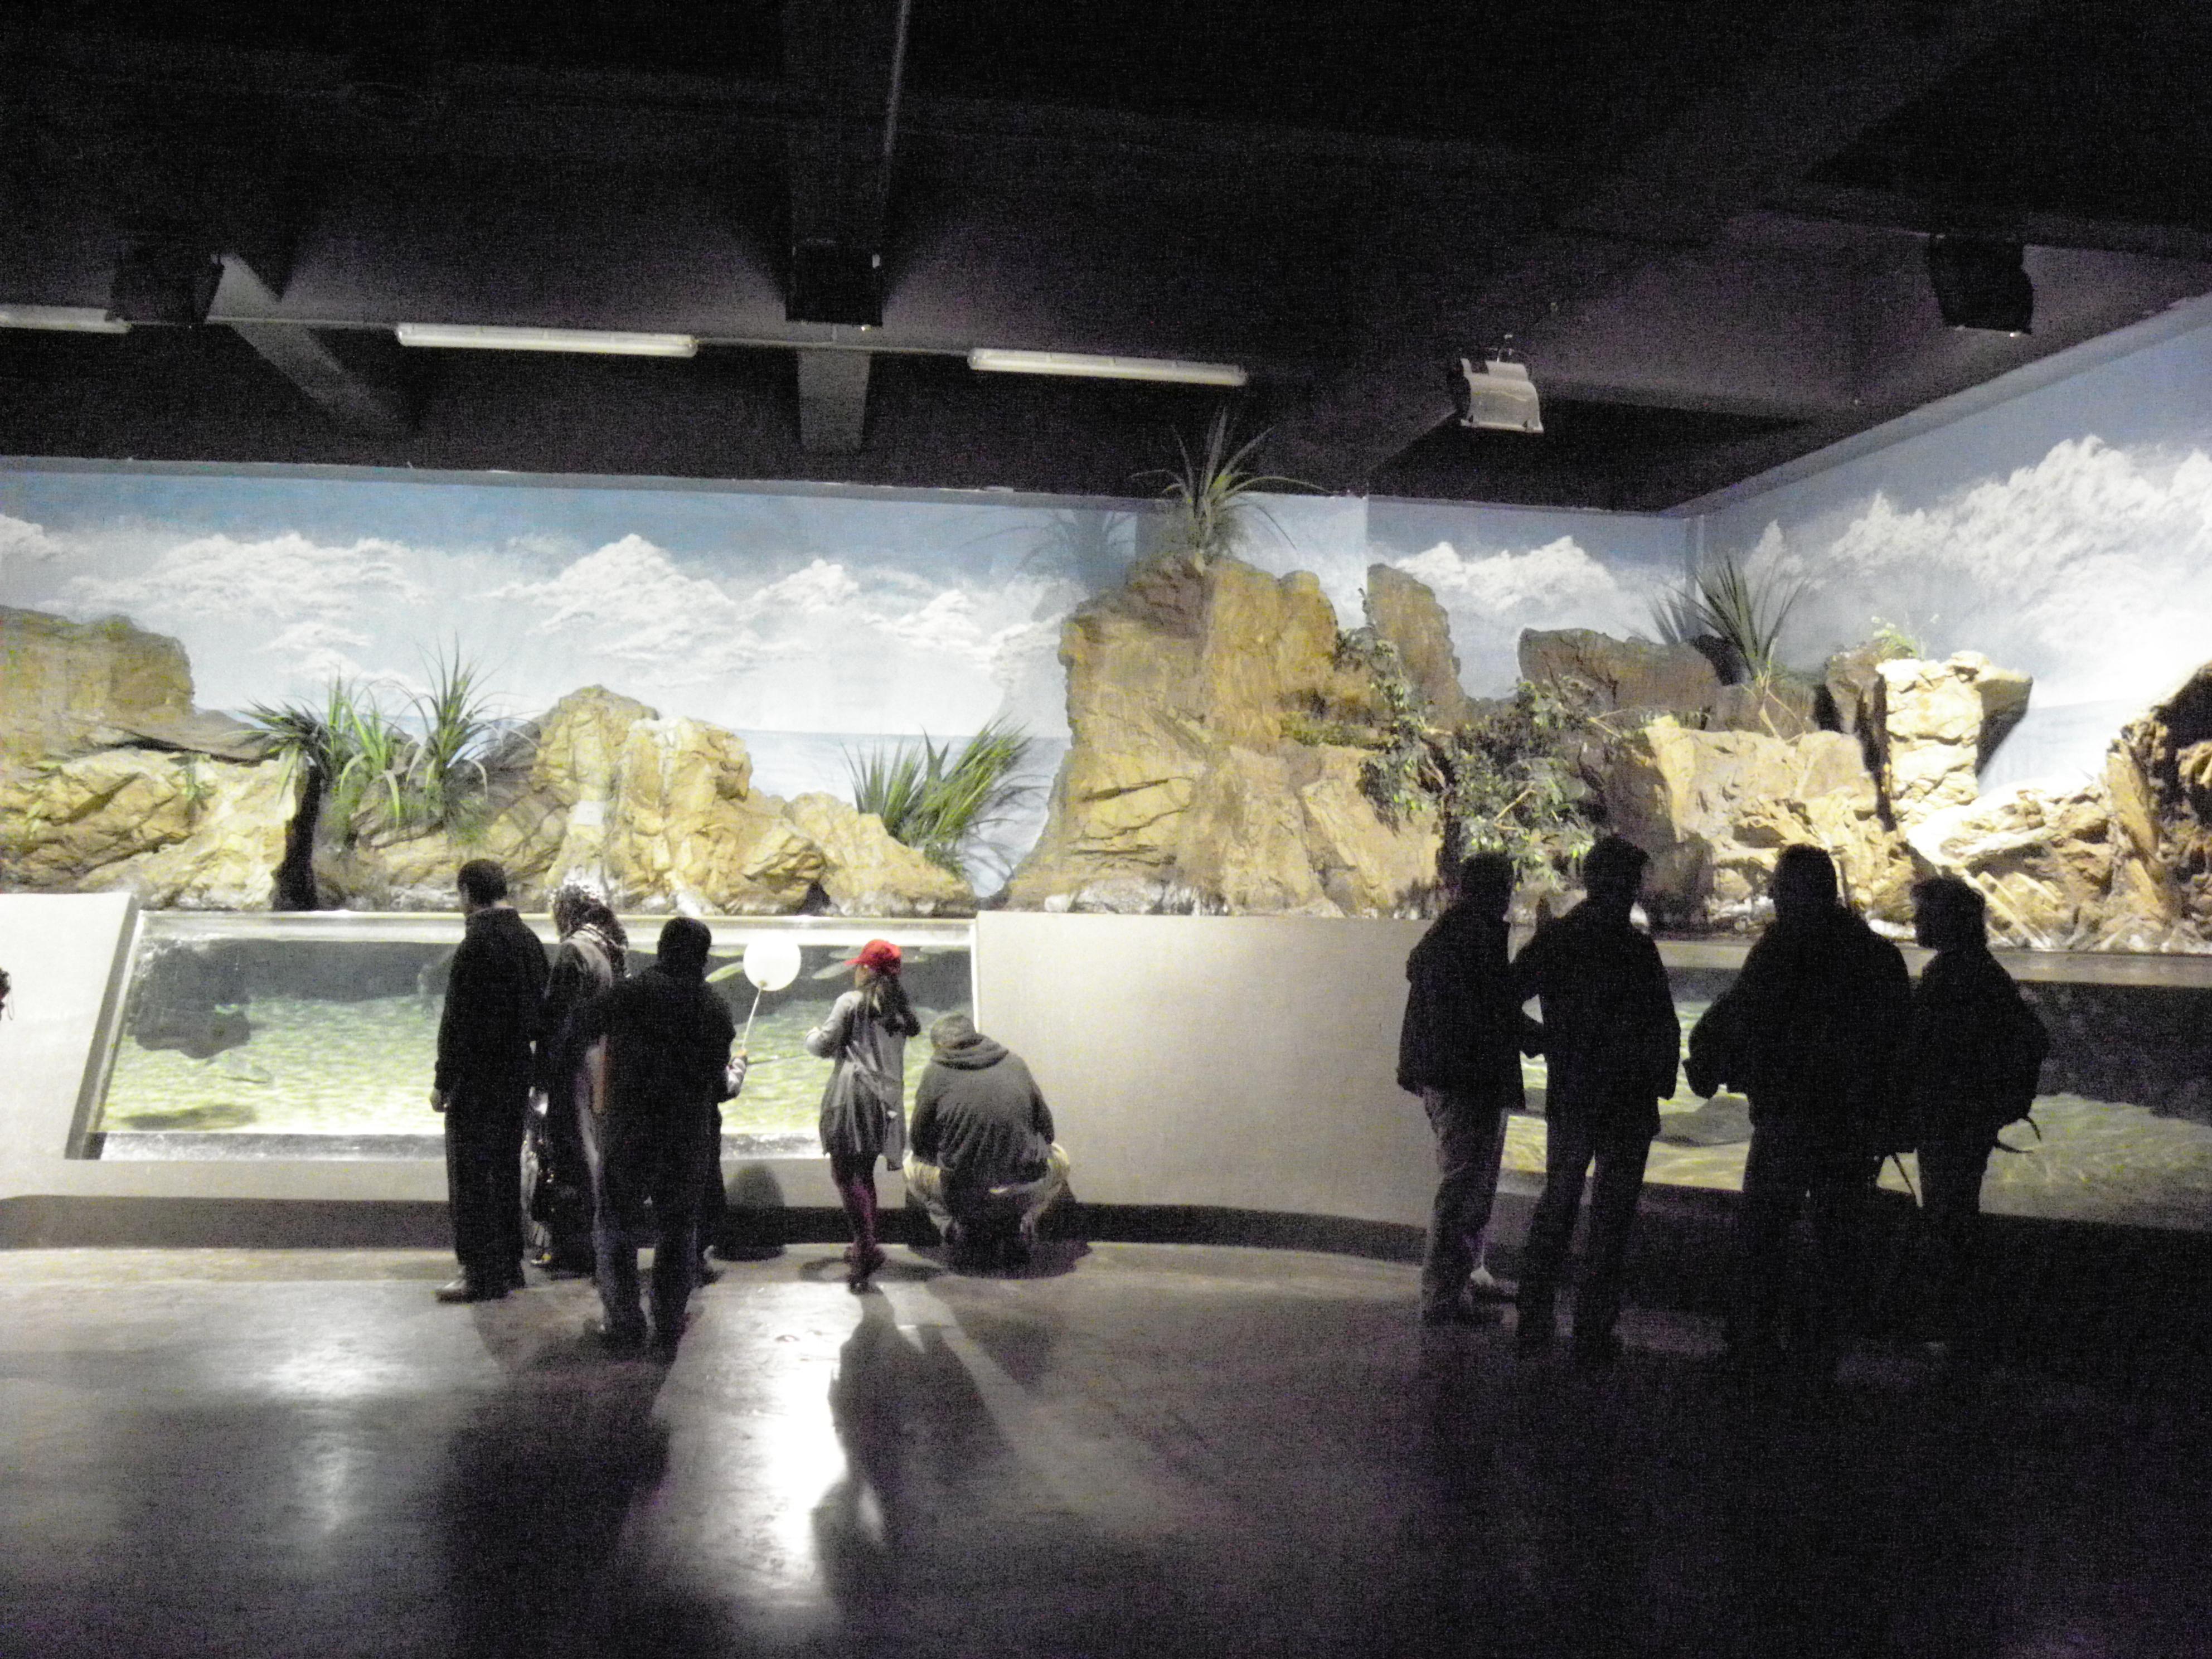 Aquarium in Istanbul., Aquarium, Indoors, Interior, Istanbul, HQ Photo